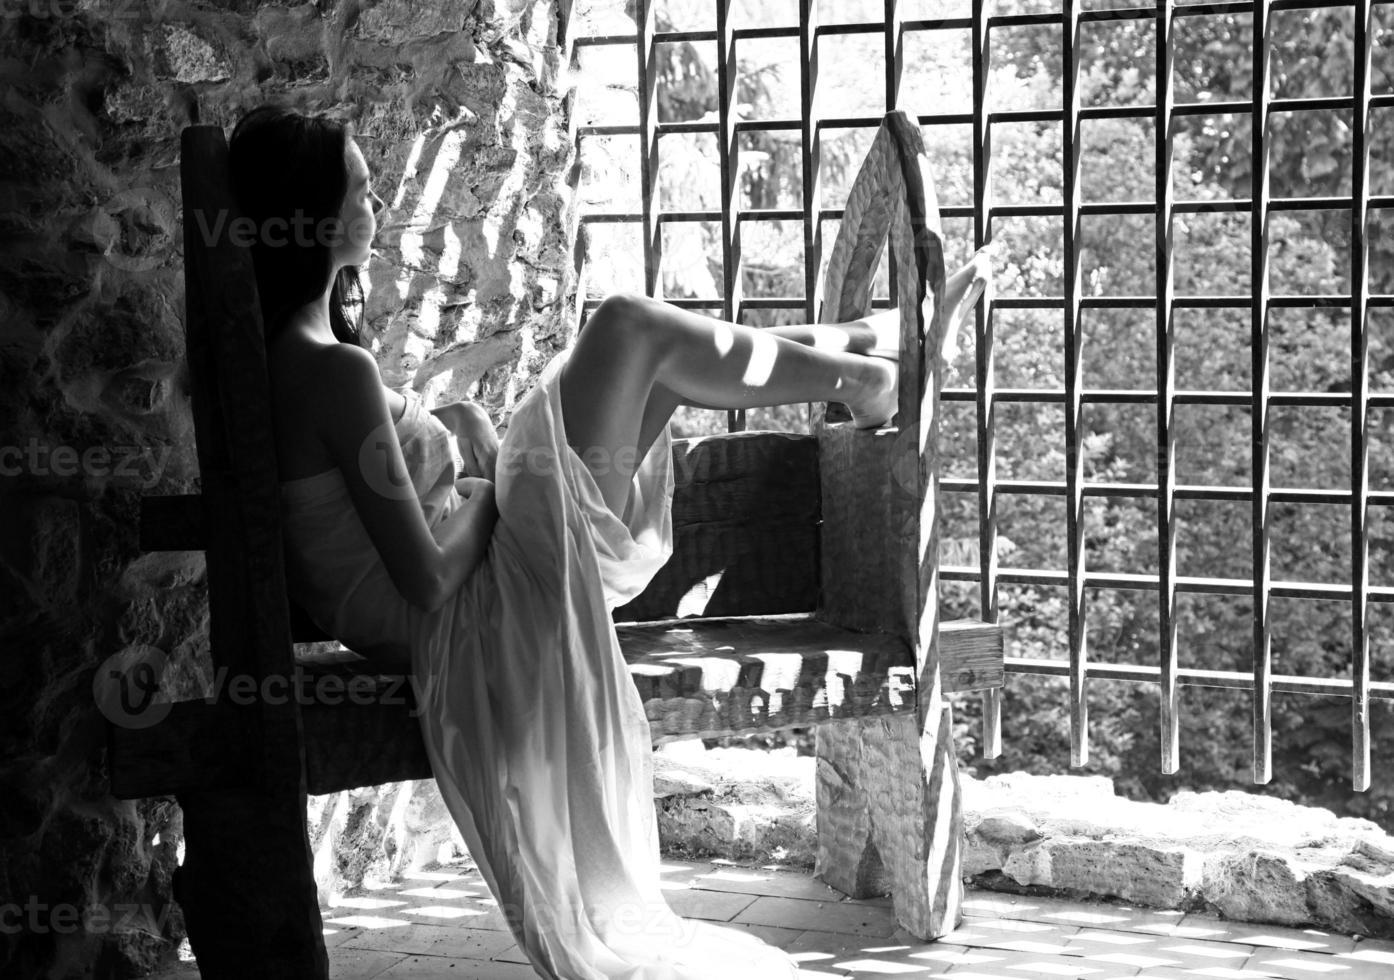 ragazza solitaria nel vecchio castello foto